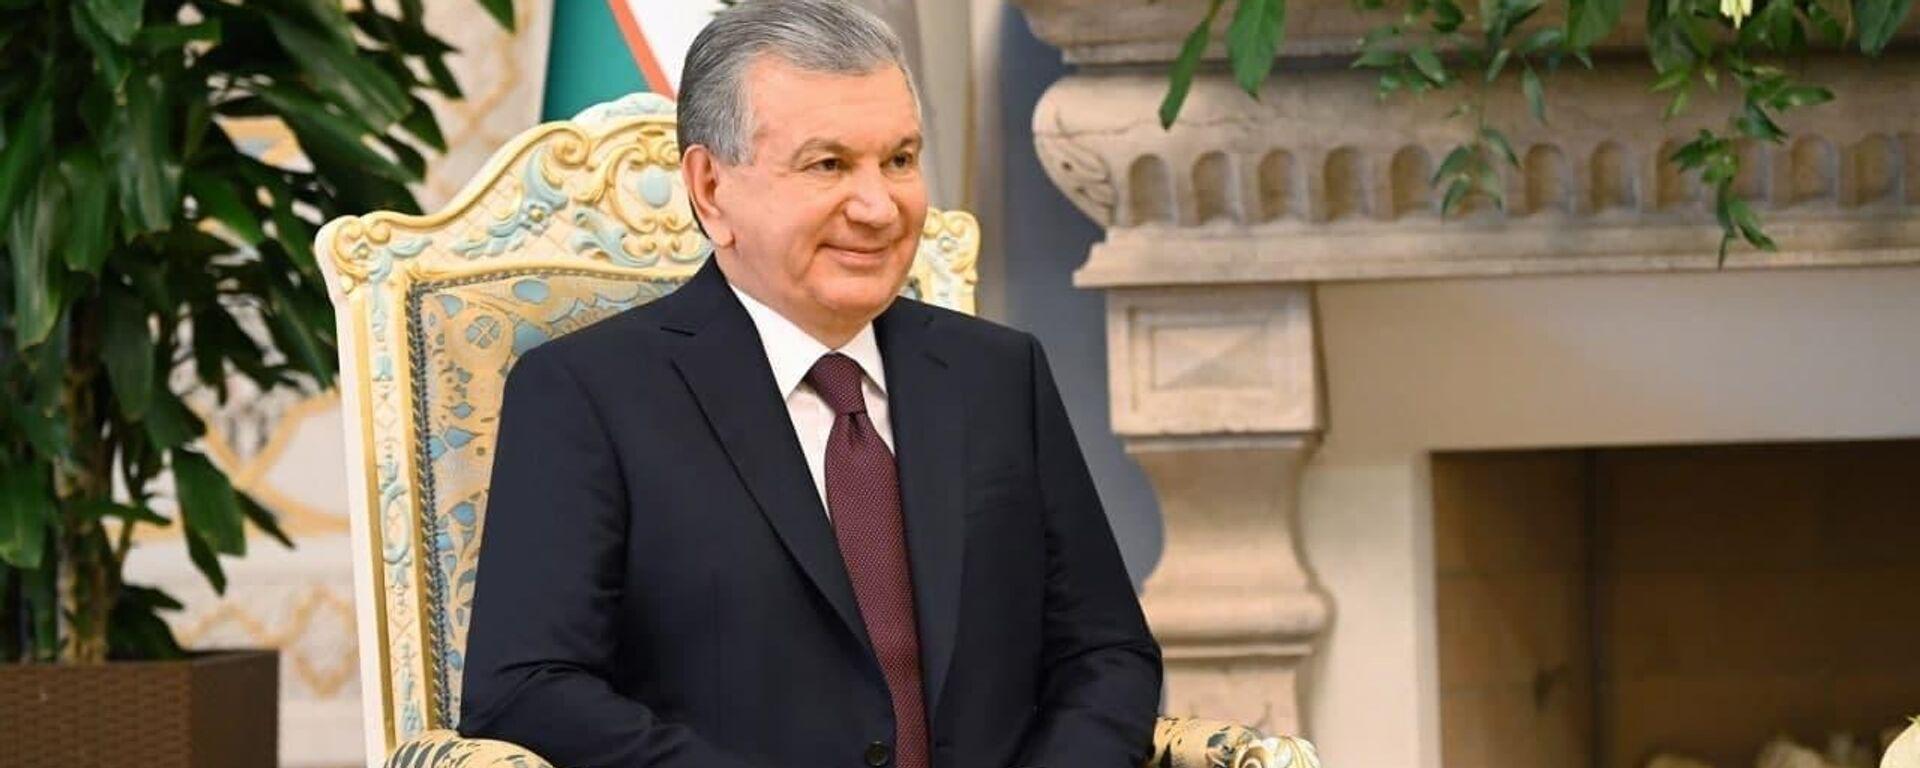 Президент Республики Узбекистан Шавкат Мирзиёев прибыл с официальным визитом в Республику Таджикистан - Sputnik Тоҷикистон, 1920, 13.09.2021